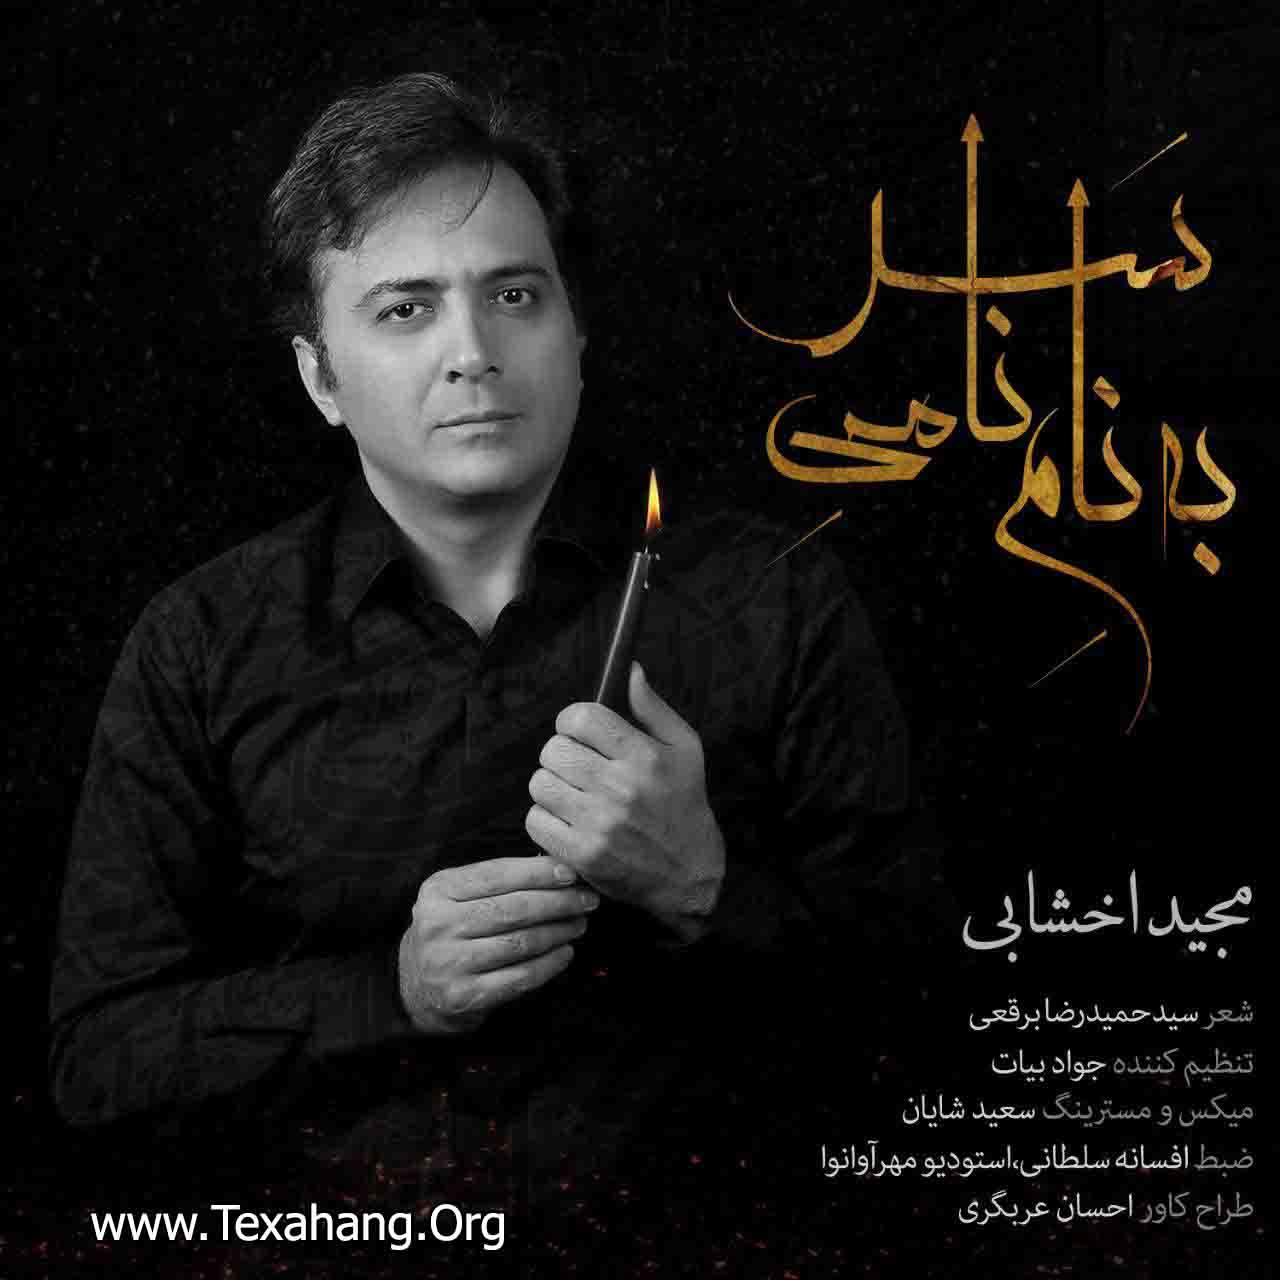 متن آهنگ به نام نامی سر مجید اخشابی